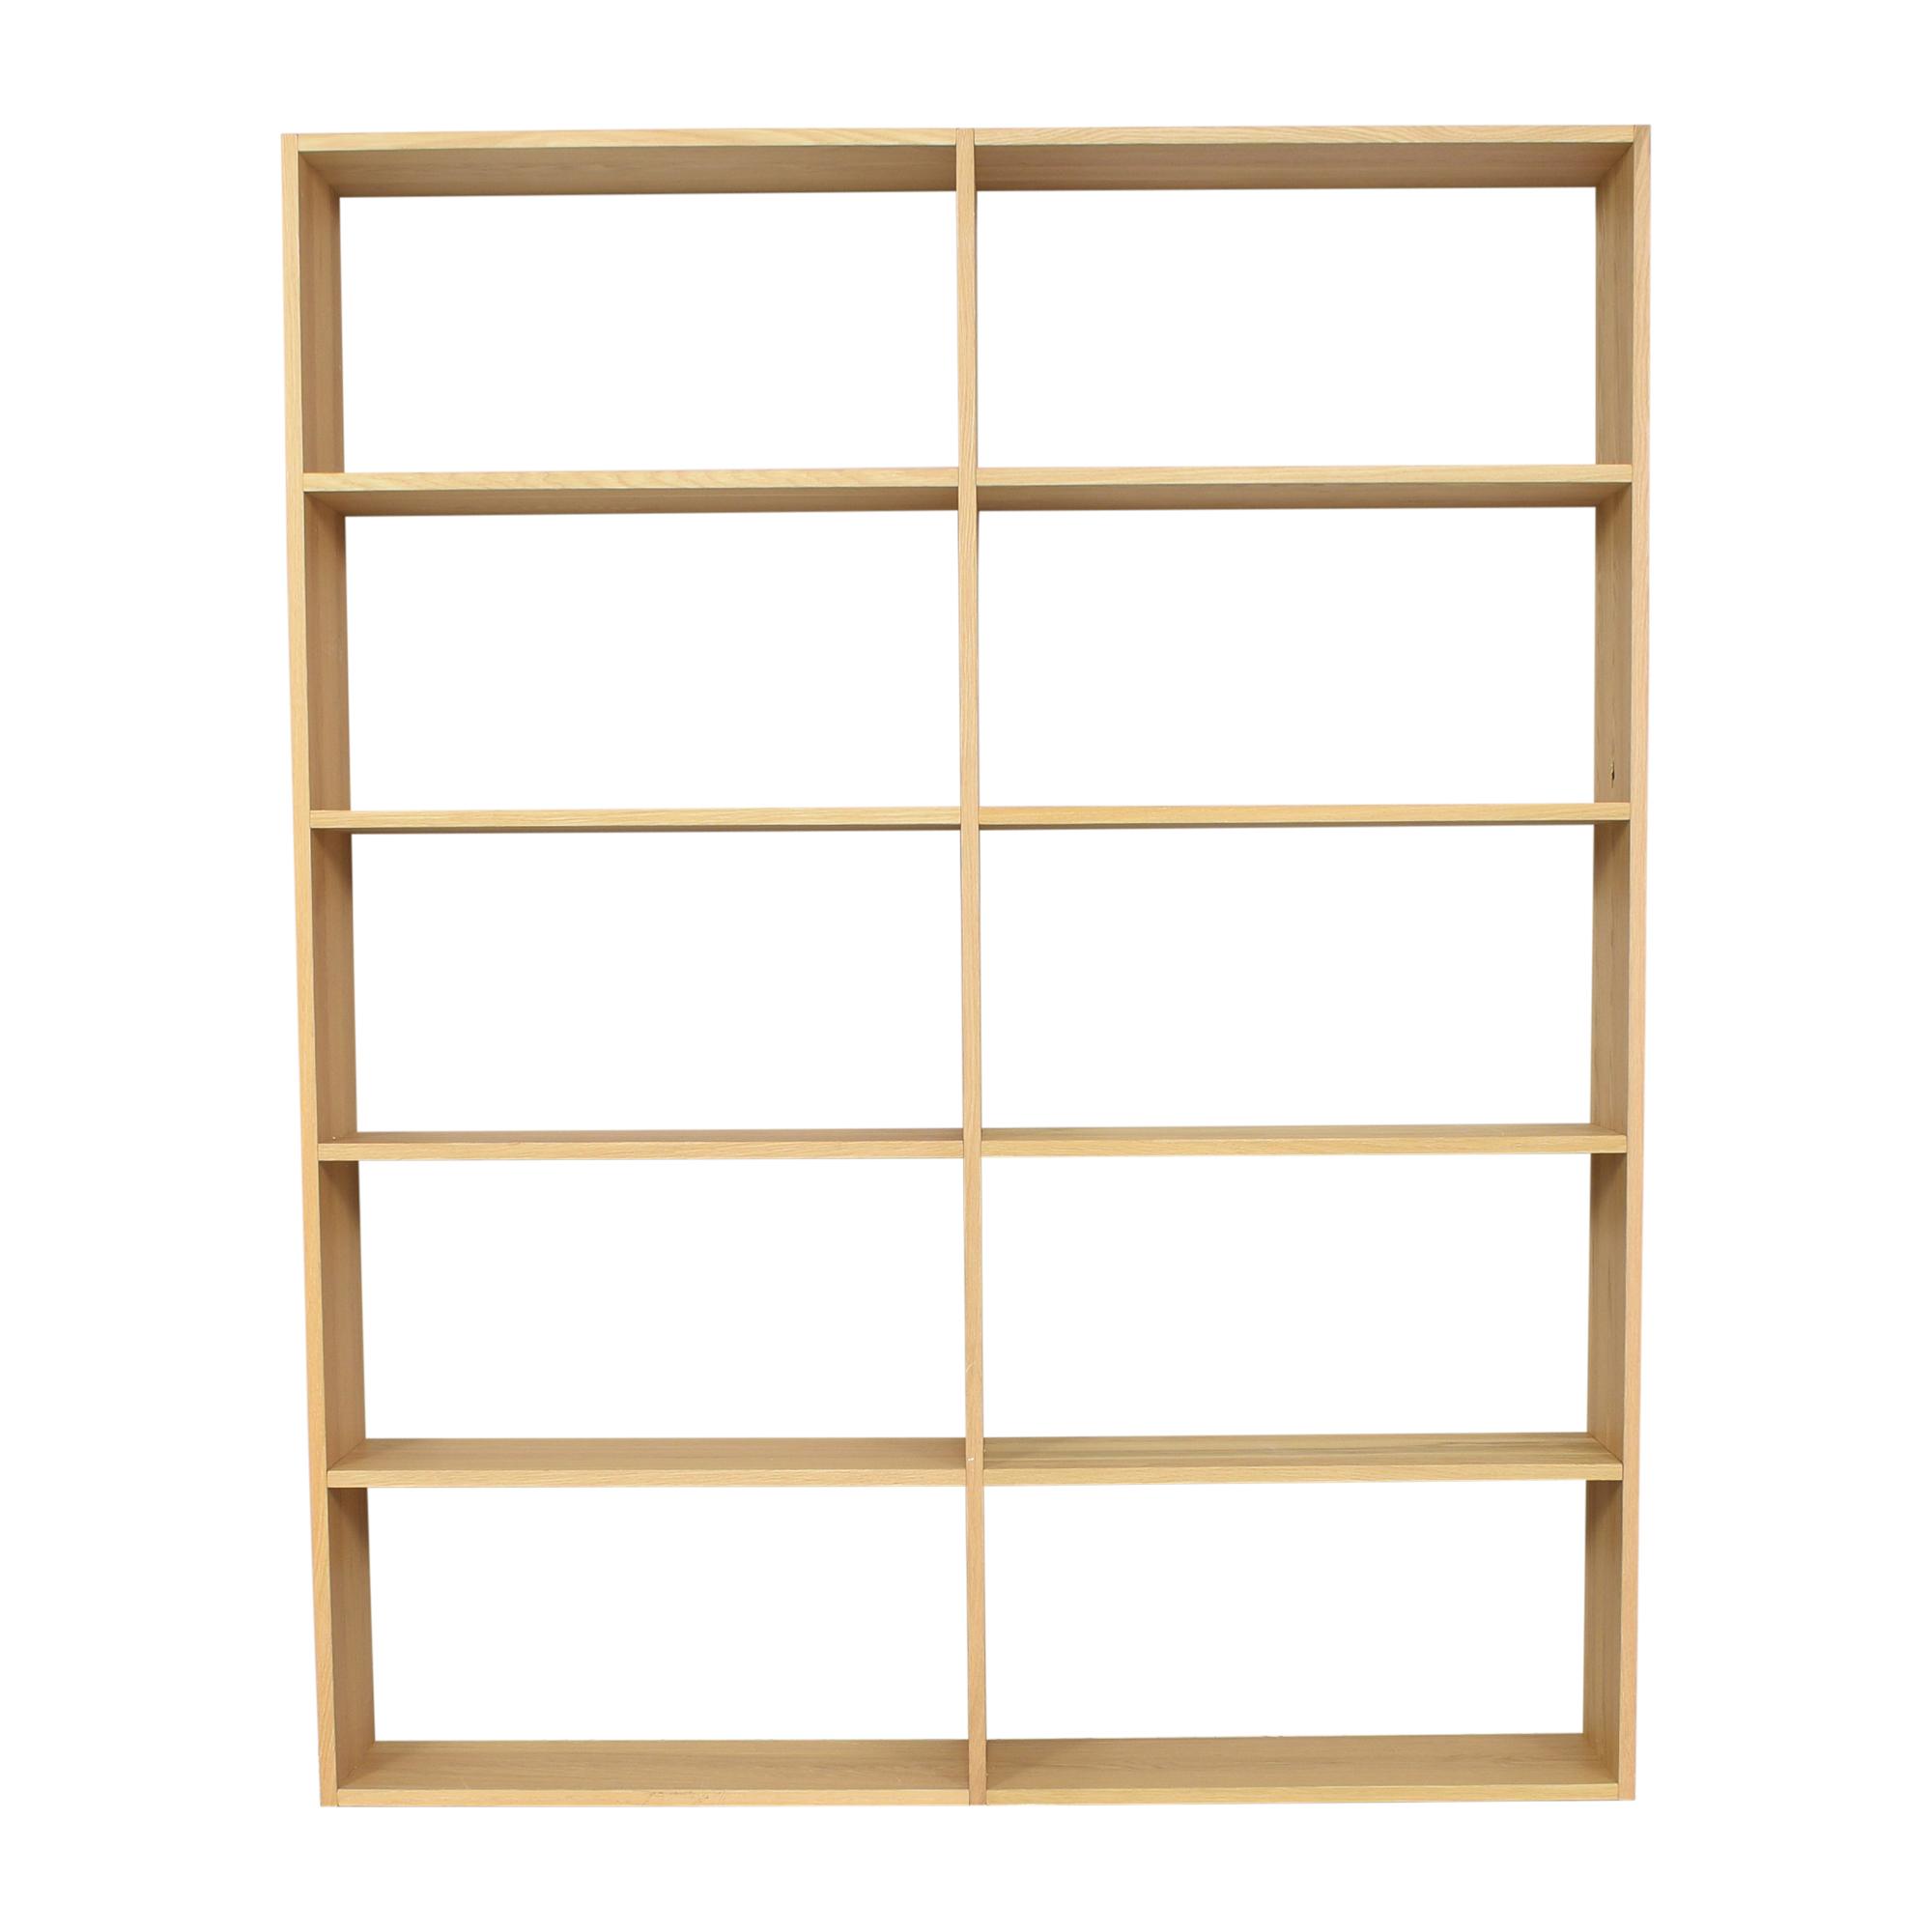 Muji Muji Double Stacking Shelf price